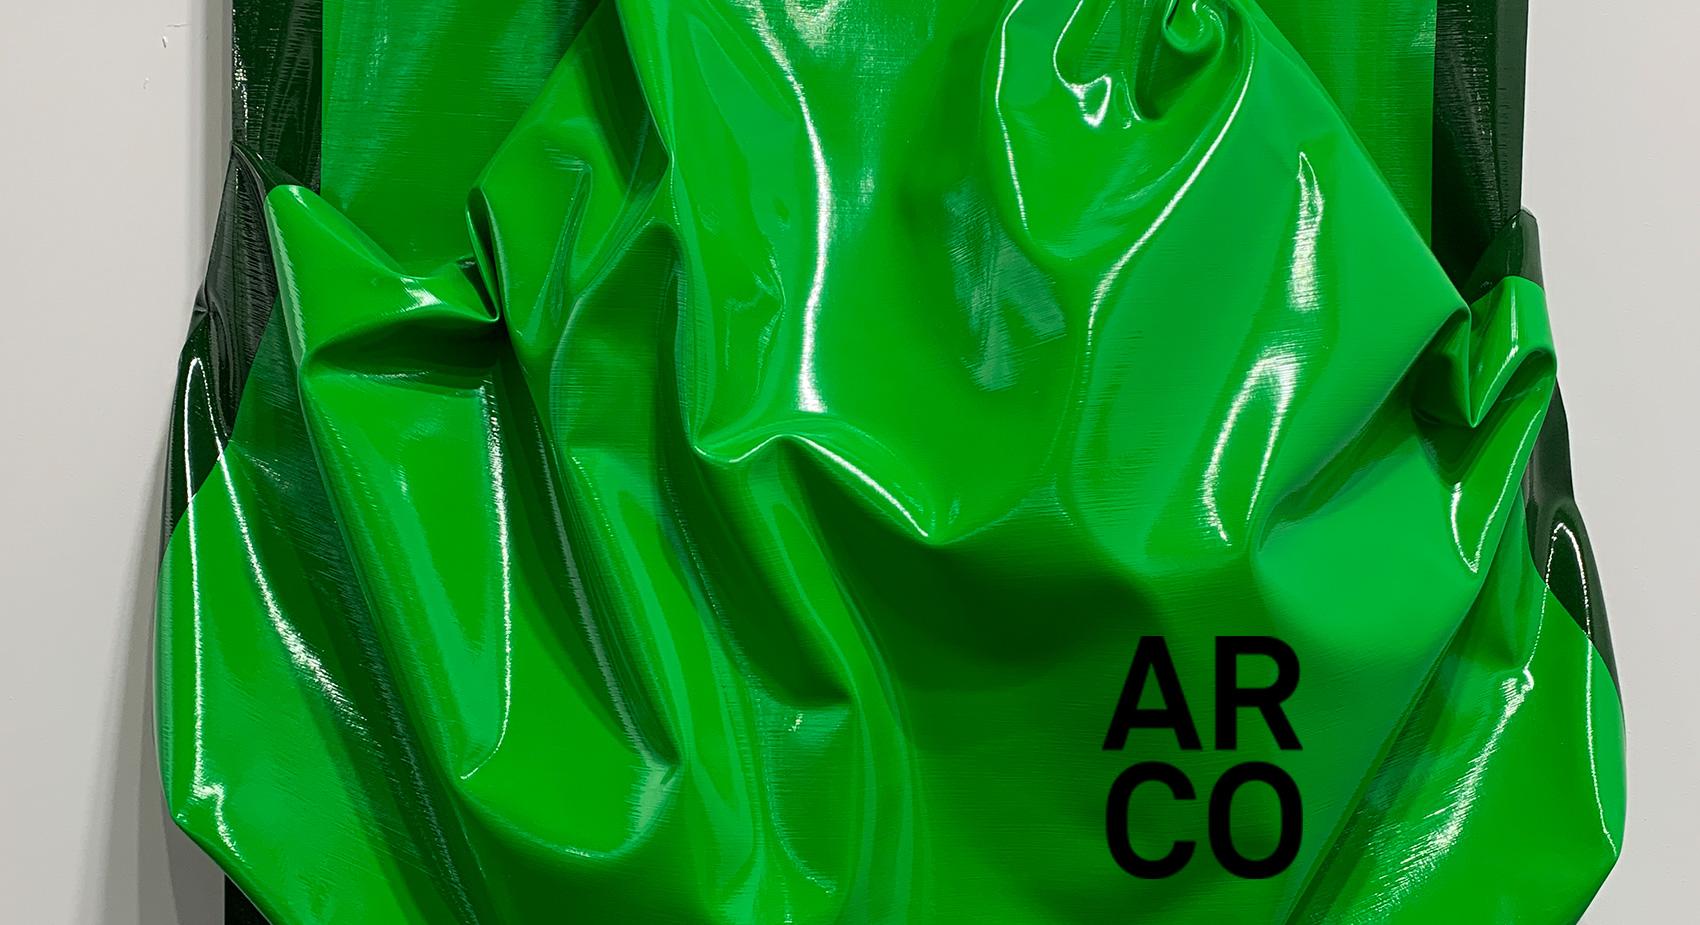 ARCO 2020 | Mimouca Design